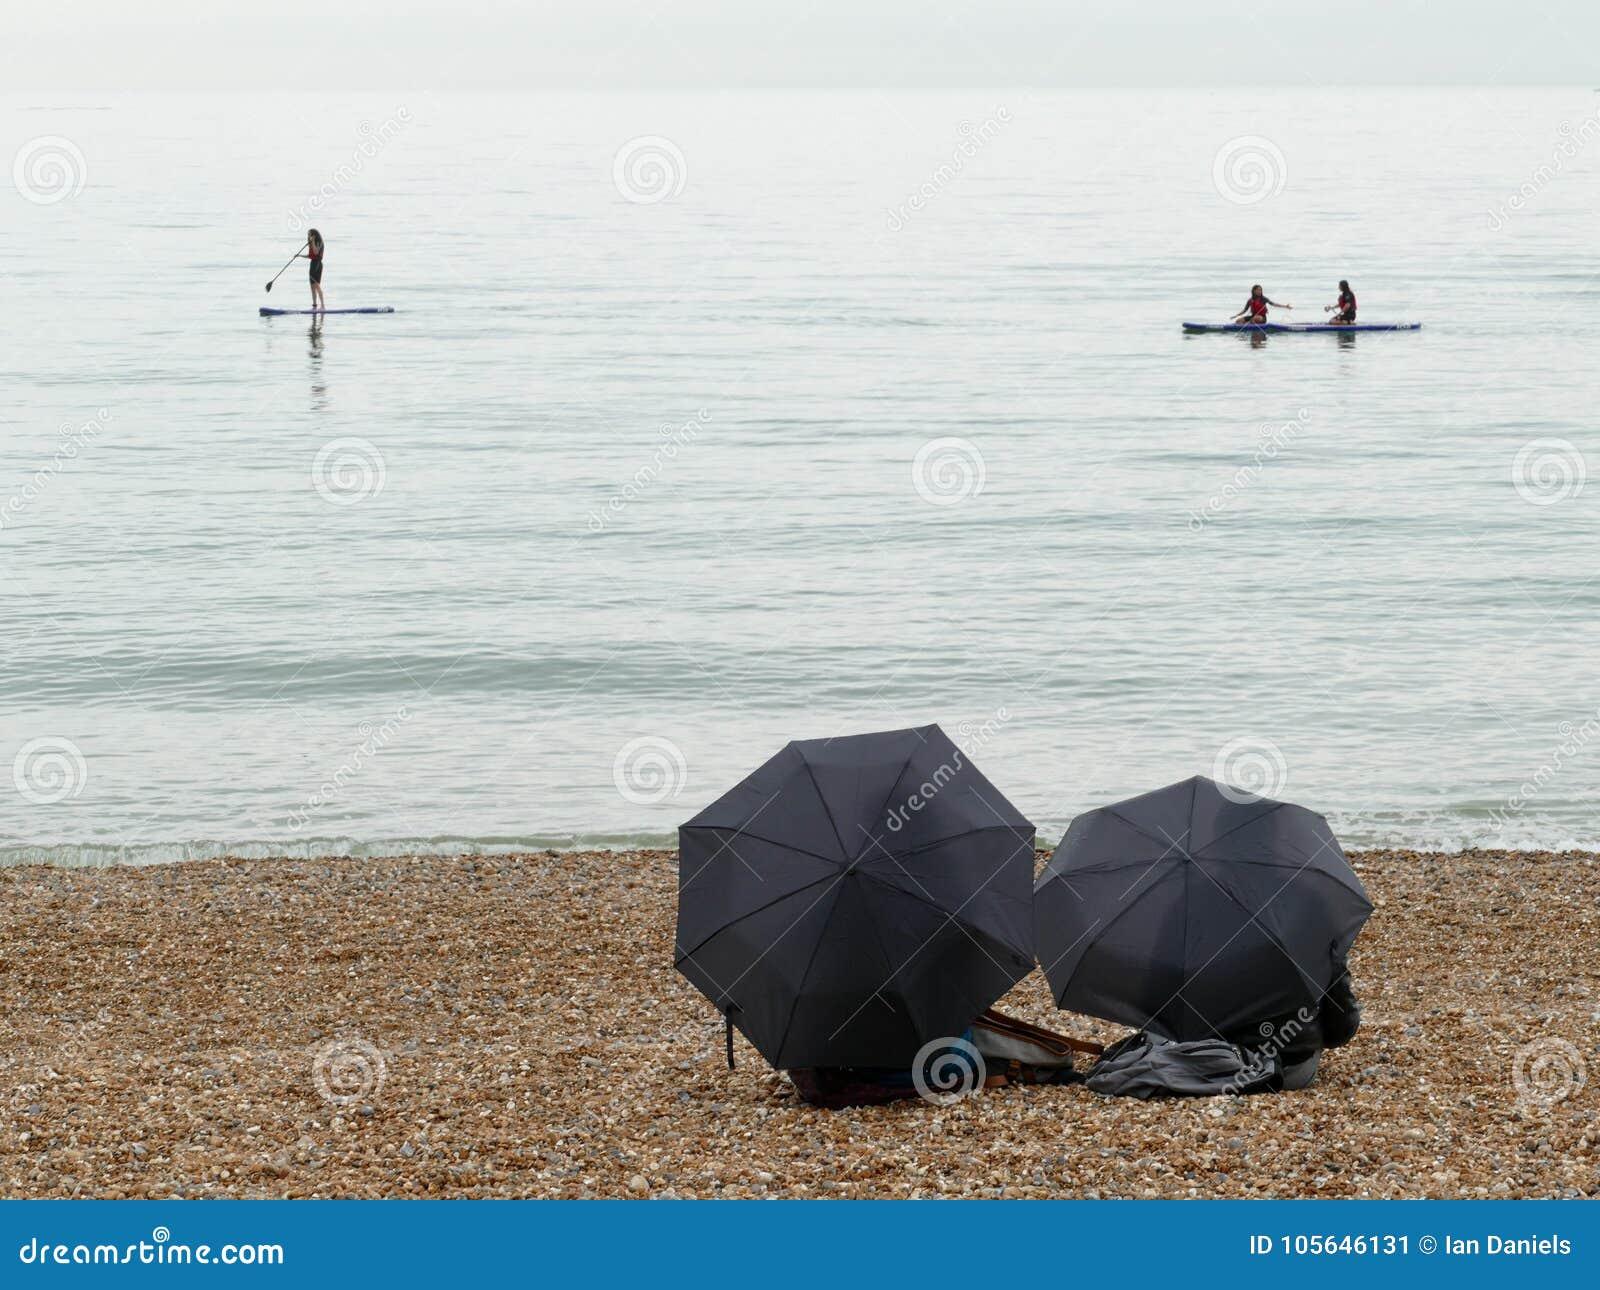 Radschaufel und Kajaks auf Meer mit zwei Regenschirmen im Vordergrund